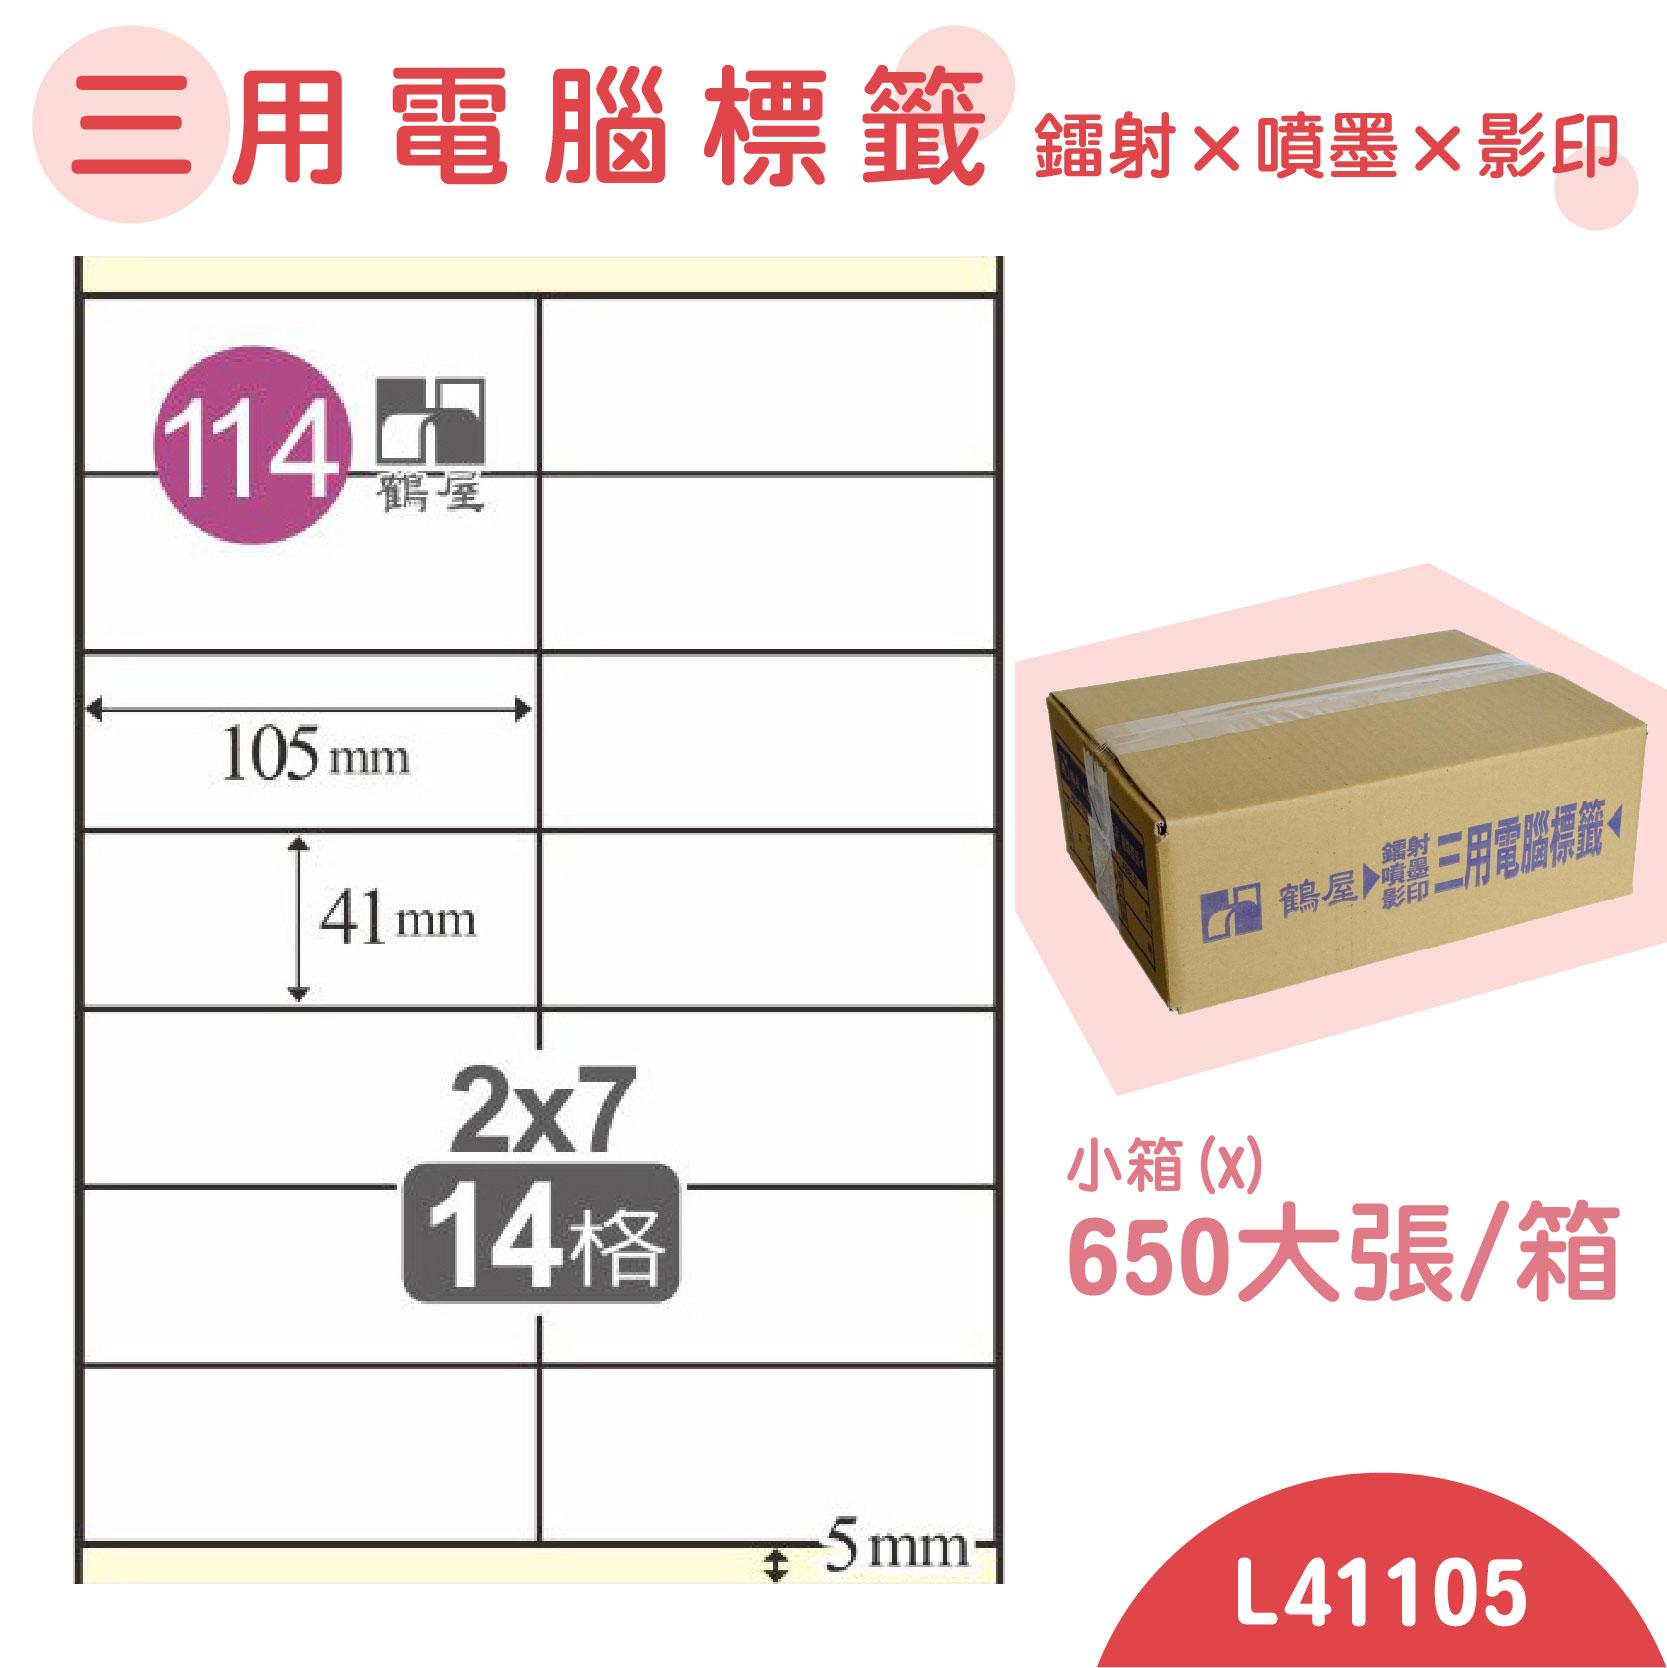 電腦標籤紙(鶴屋) 白色 L41105 14格 650大張/小箱 影印 雷射 噴墨 三用 標籤 貼紙 信封 光碟標籤